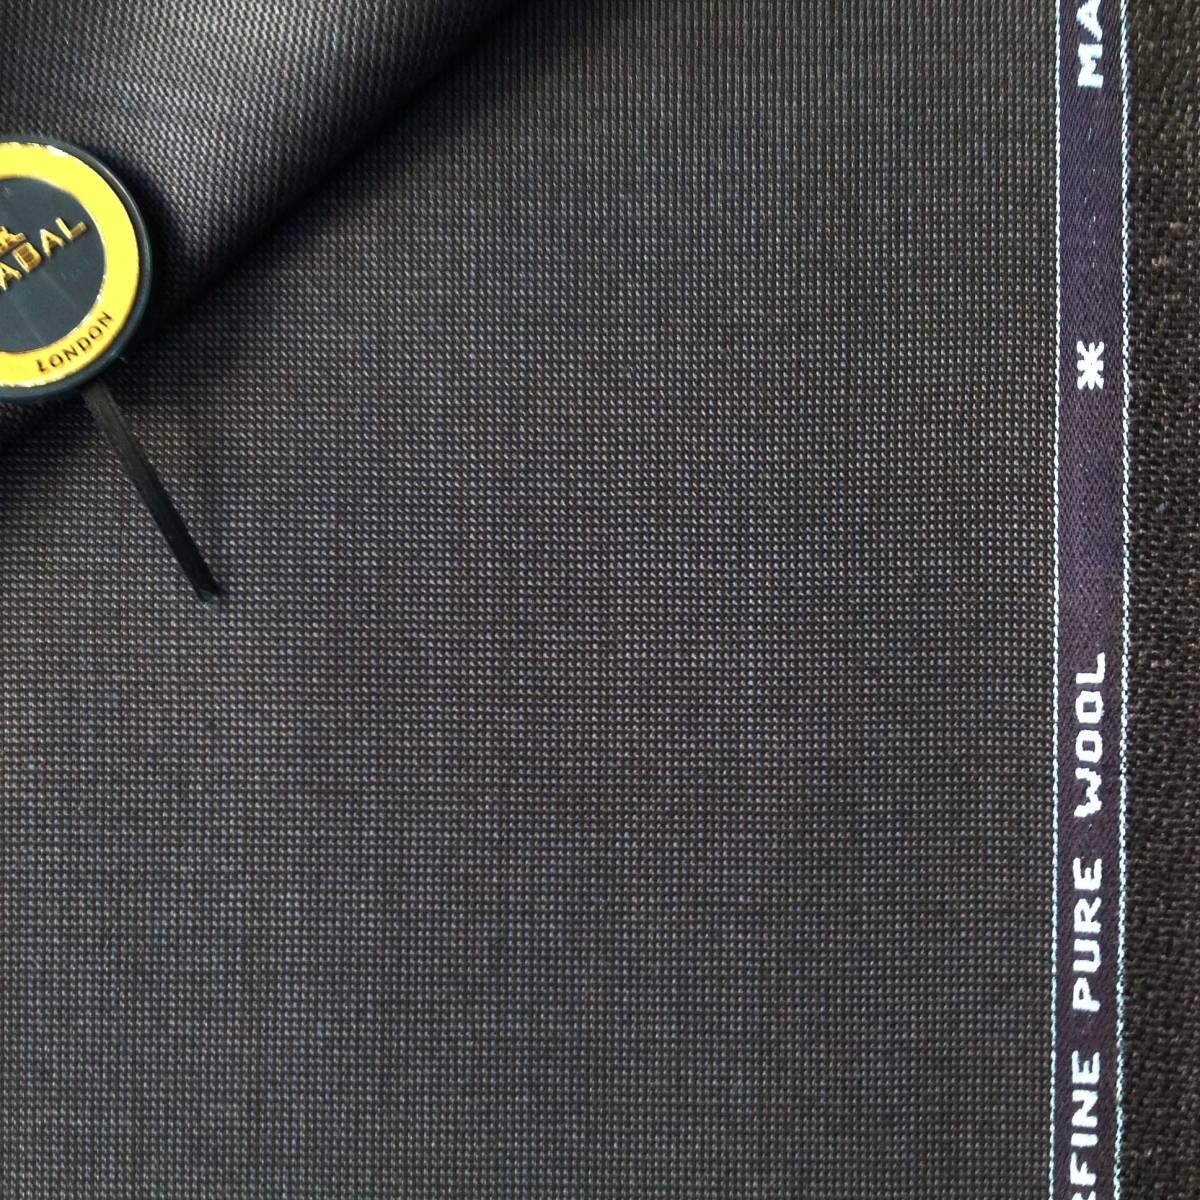 【服地】 スキャバル 紺系 織ネーム付 重さ1020g 3.2m 毛100%イギリス製  0123-3_画像1